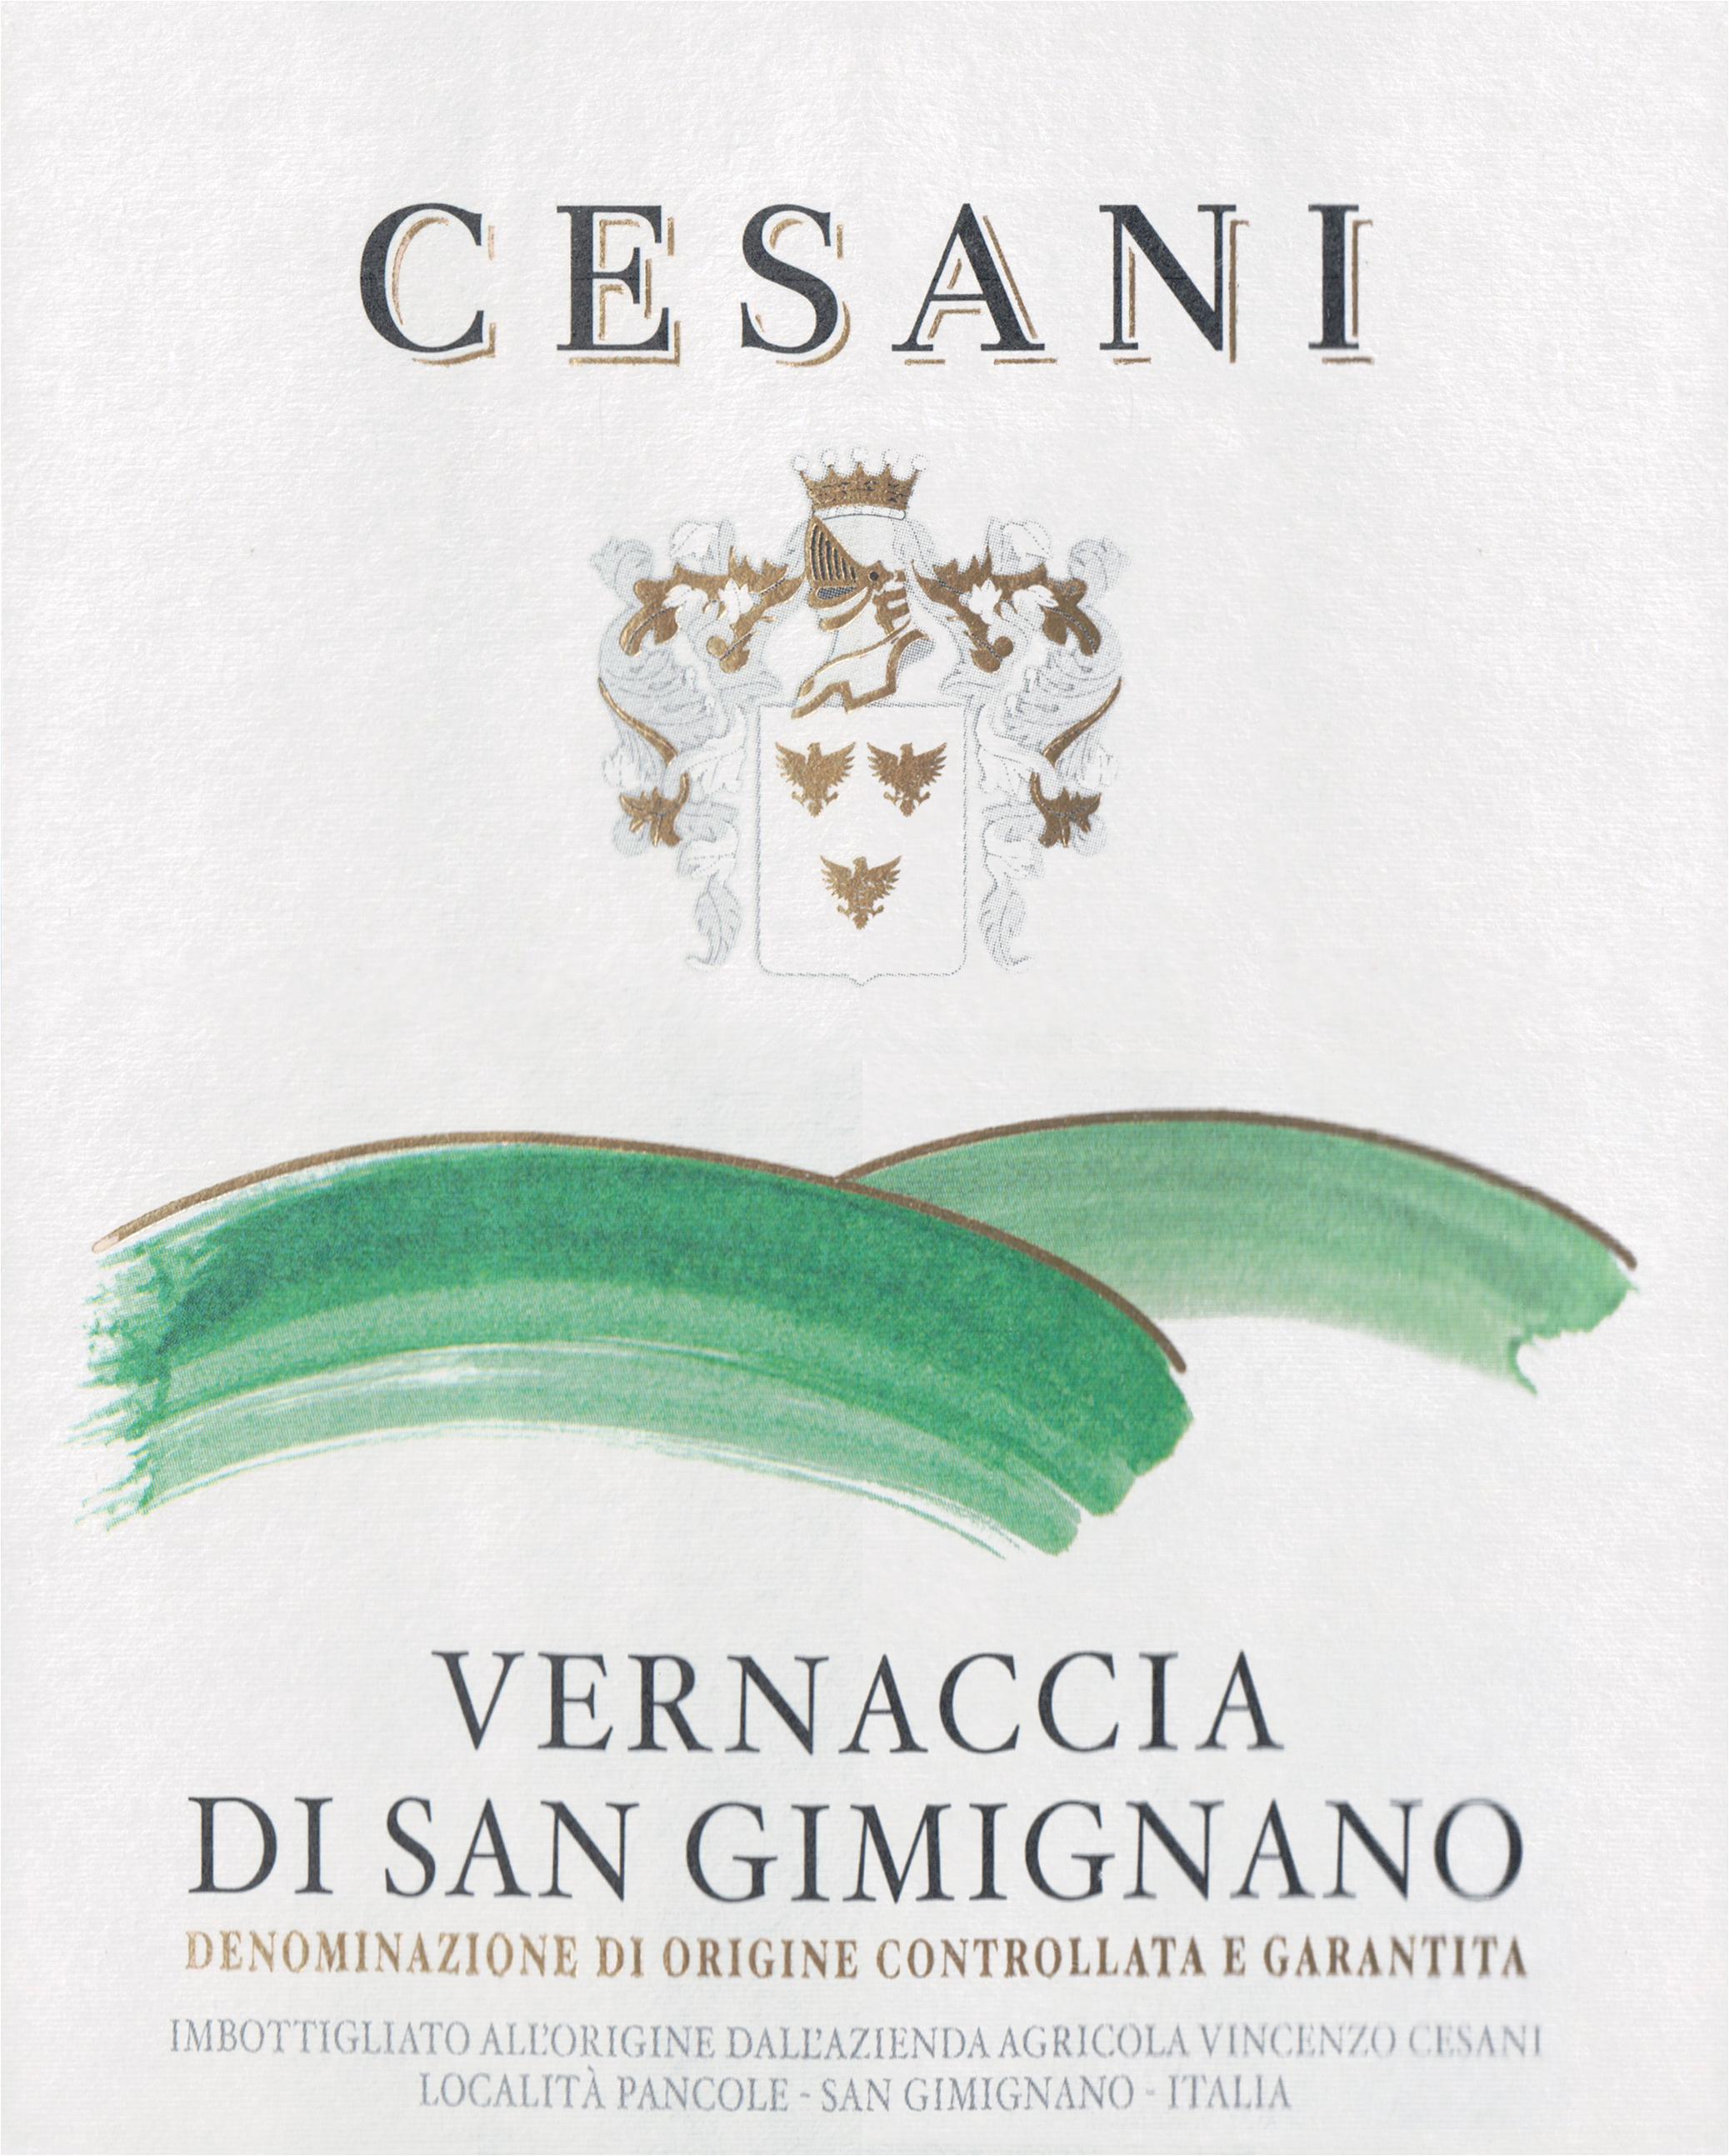 Cesani Vernaccia Di San Gimignano 2018